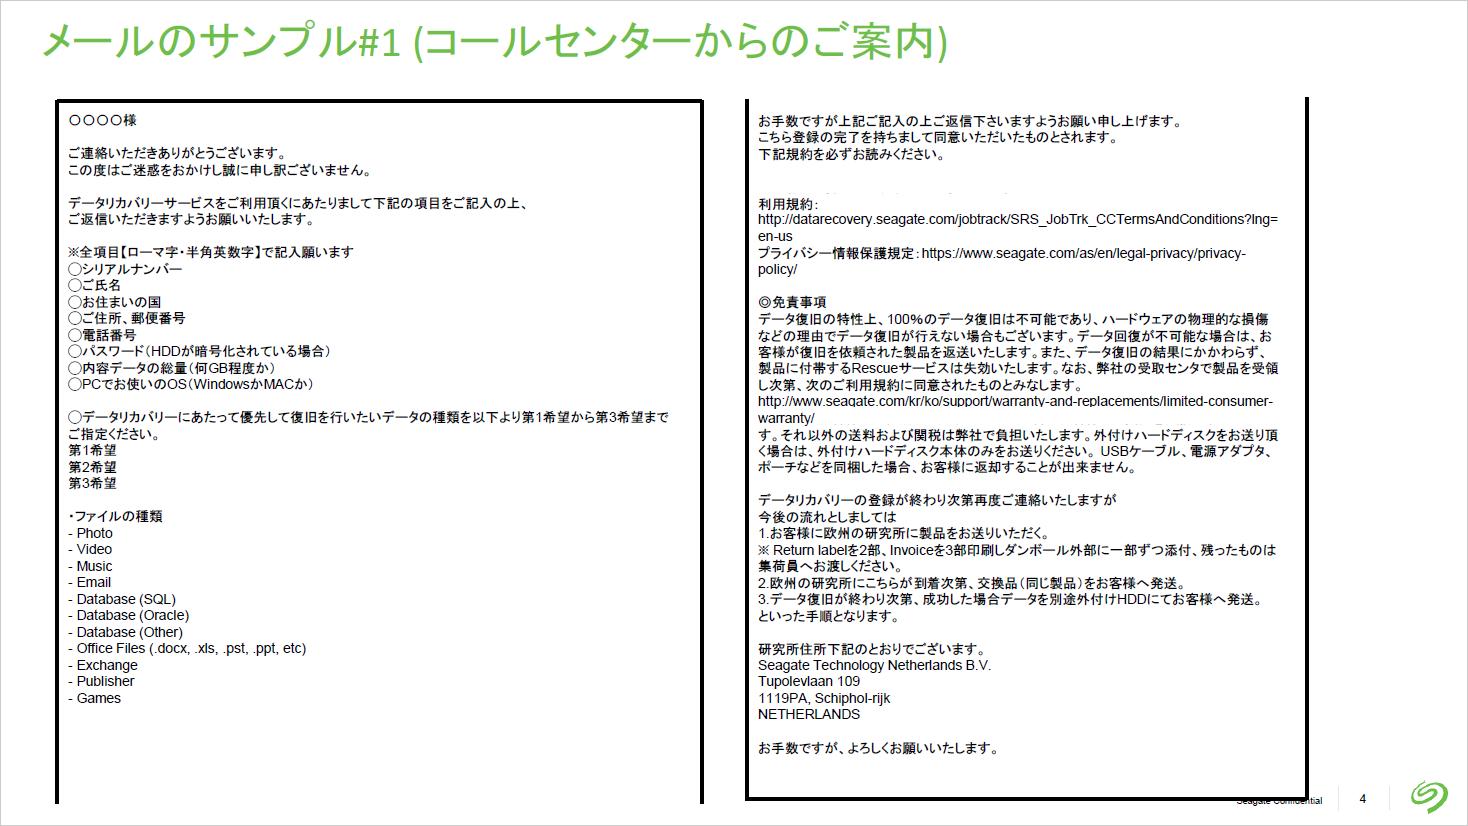 Seagateのサポート窓口とは、Seagateラボへの返送作業までのやりとりを日本語で行うことになる。